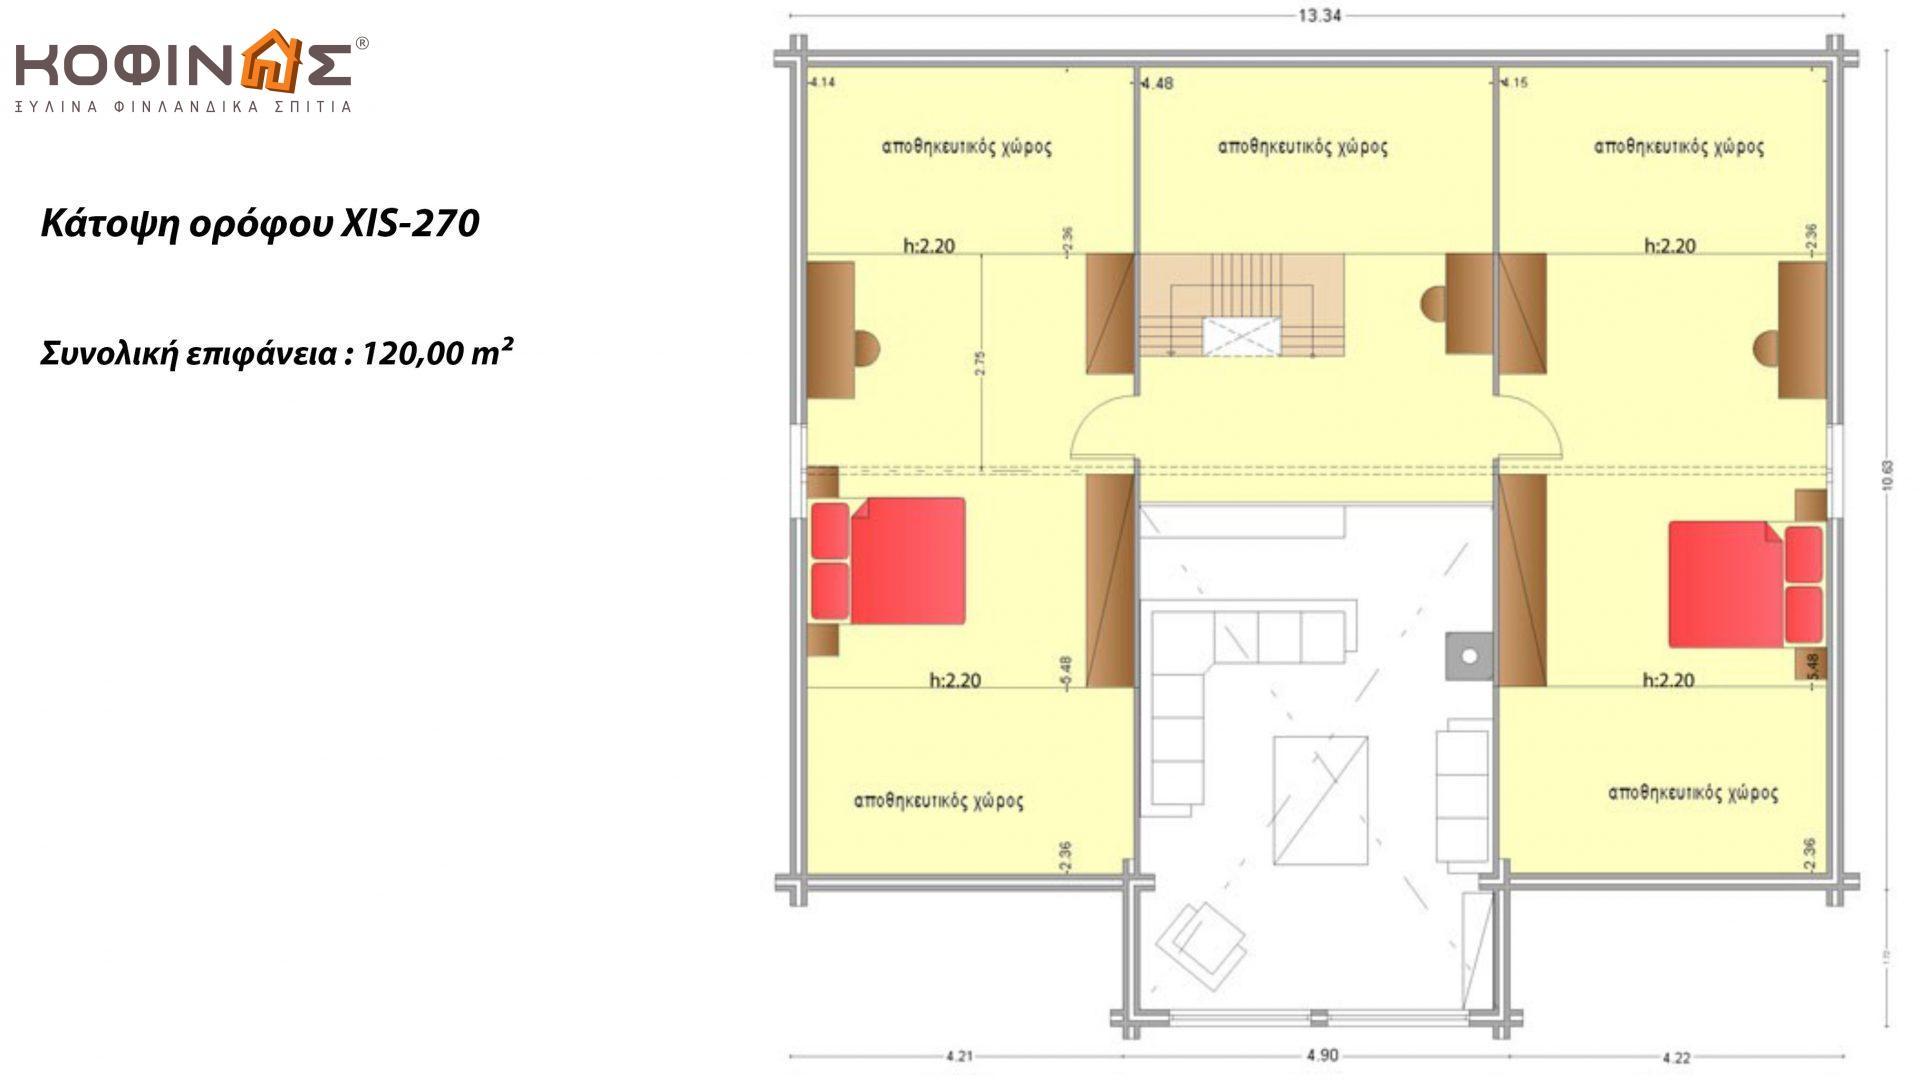 Ισόγεια Ξύλινη Κατοικία με σοφίτα XIS-270, συνολικής επιφάνειας 270,20 τ.μ.